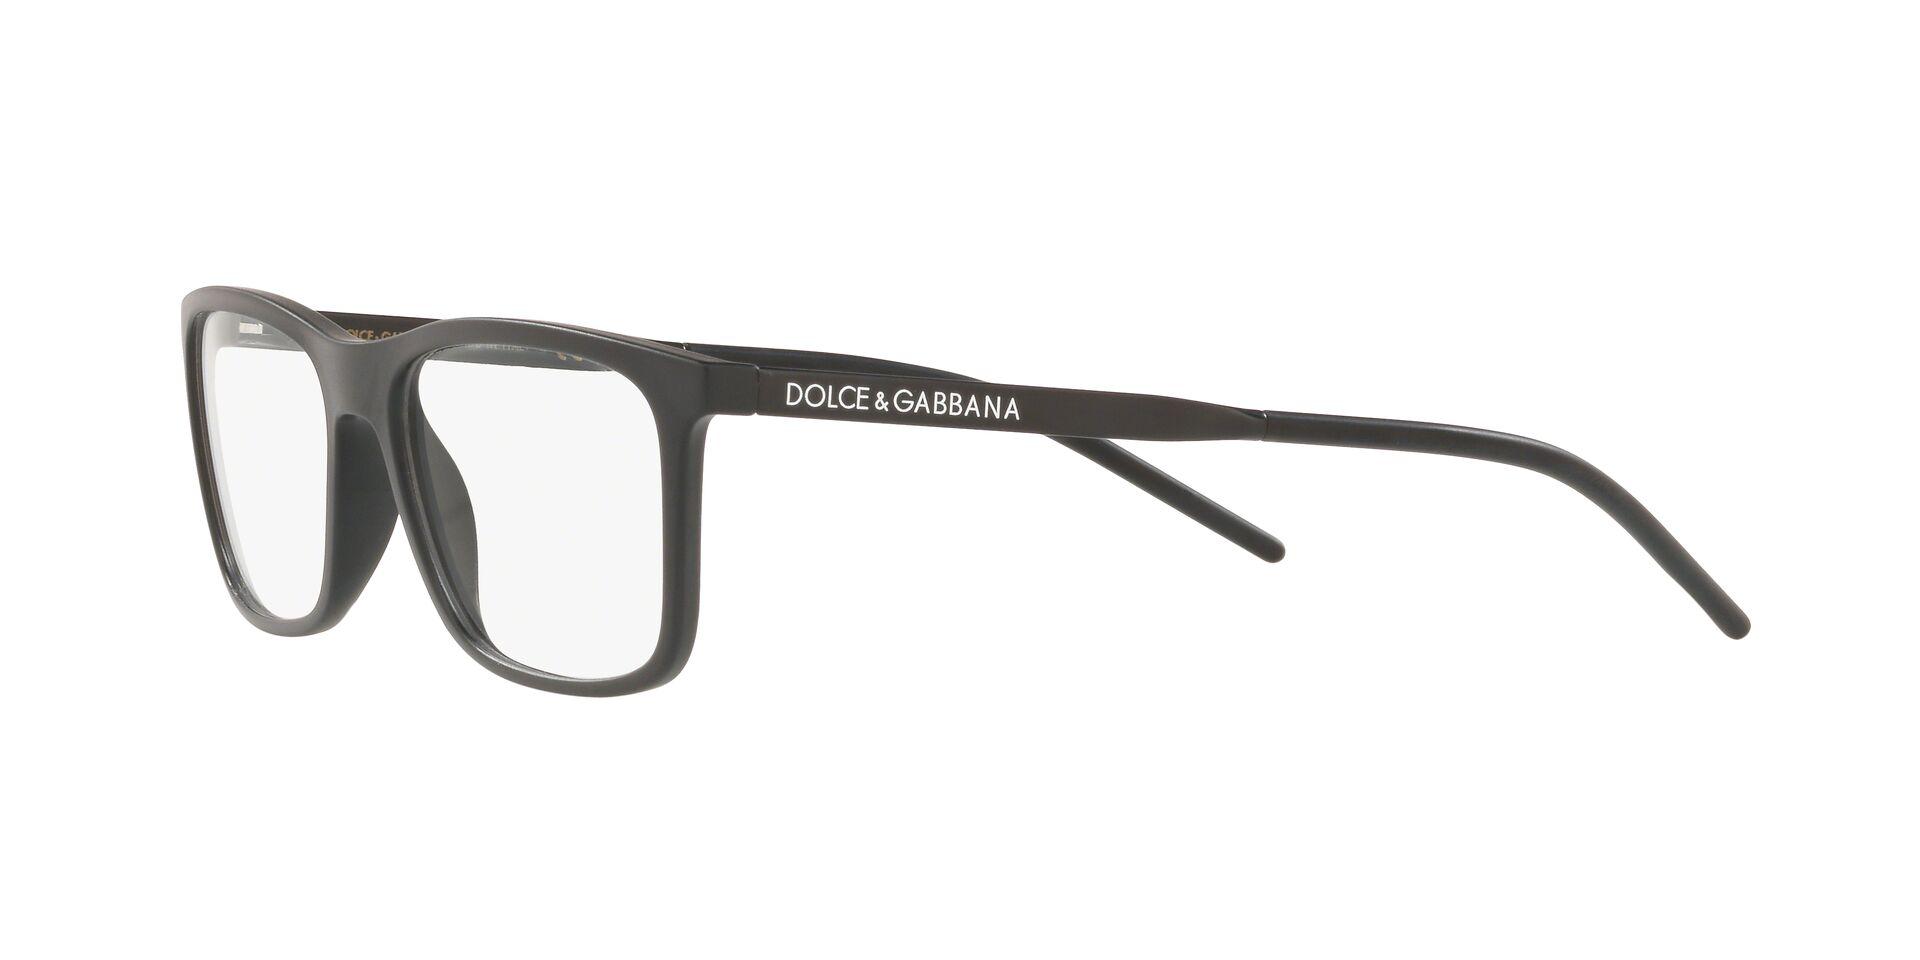 Dolce & Gabbana DG5044 2525 55